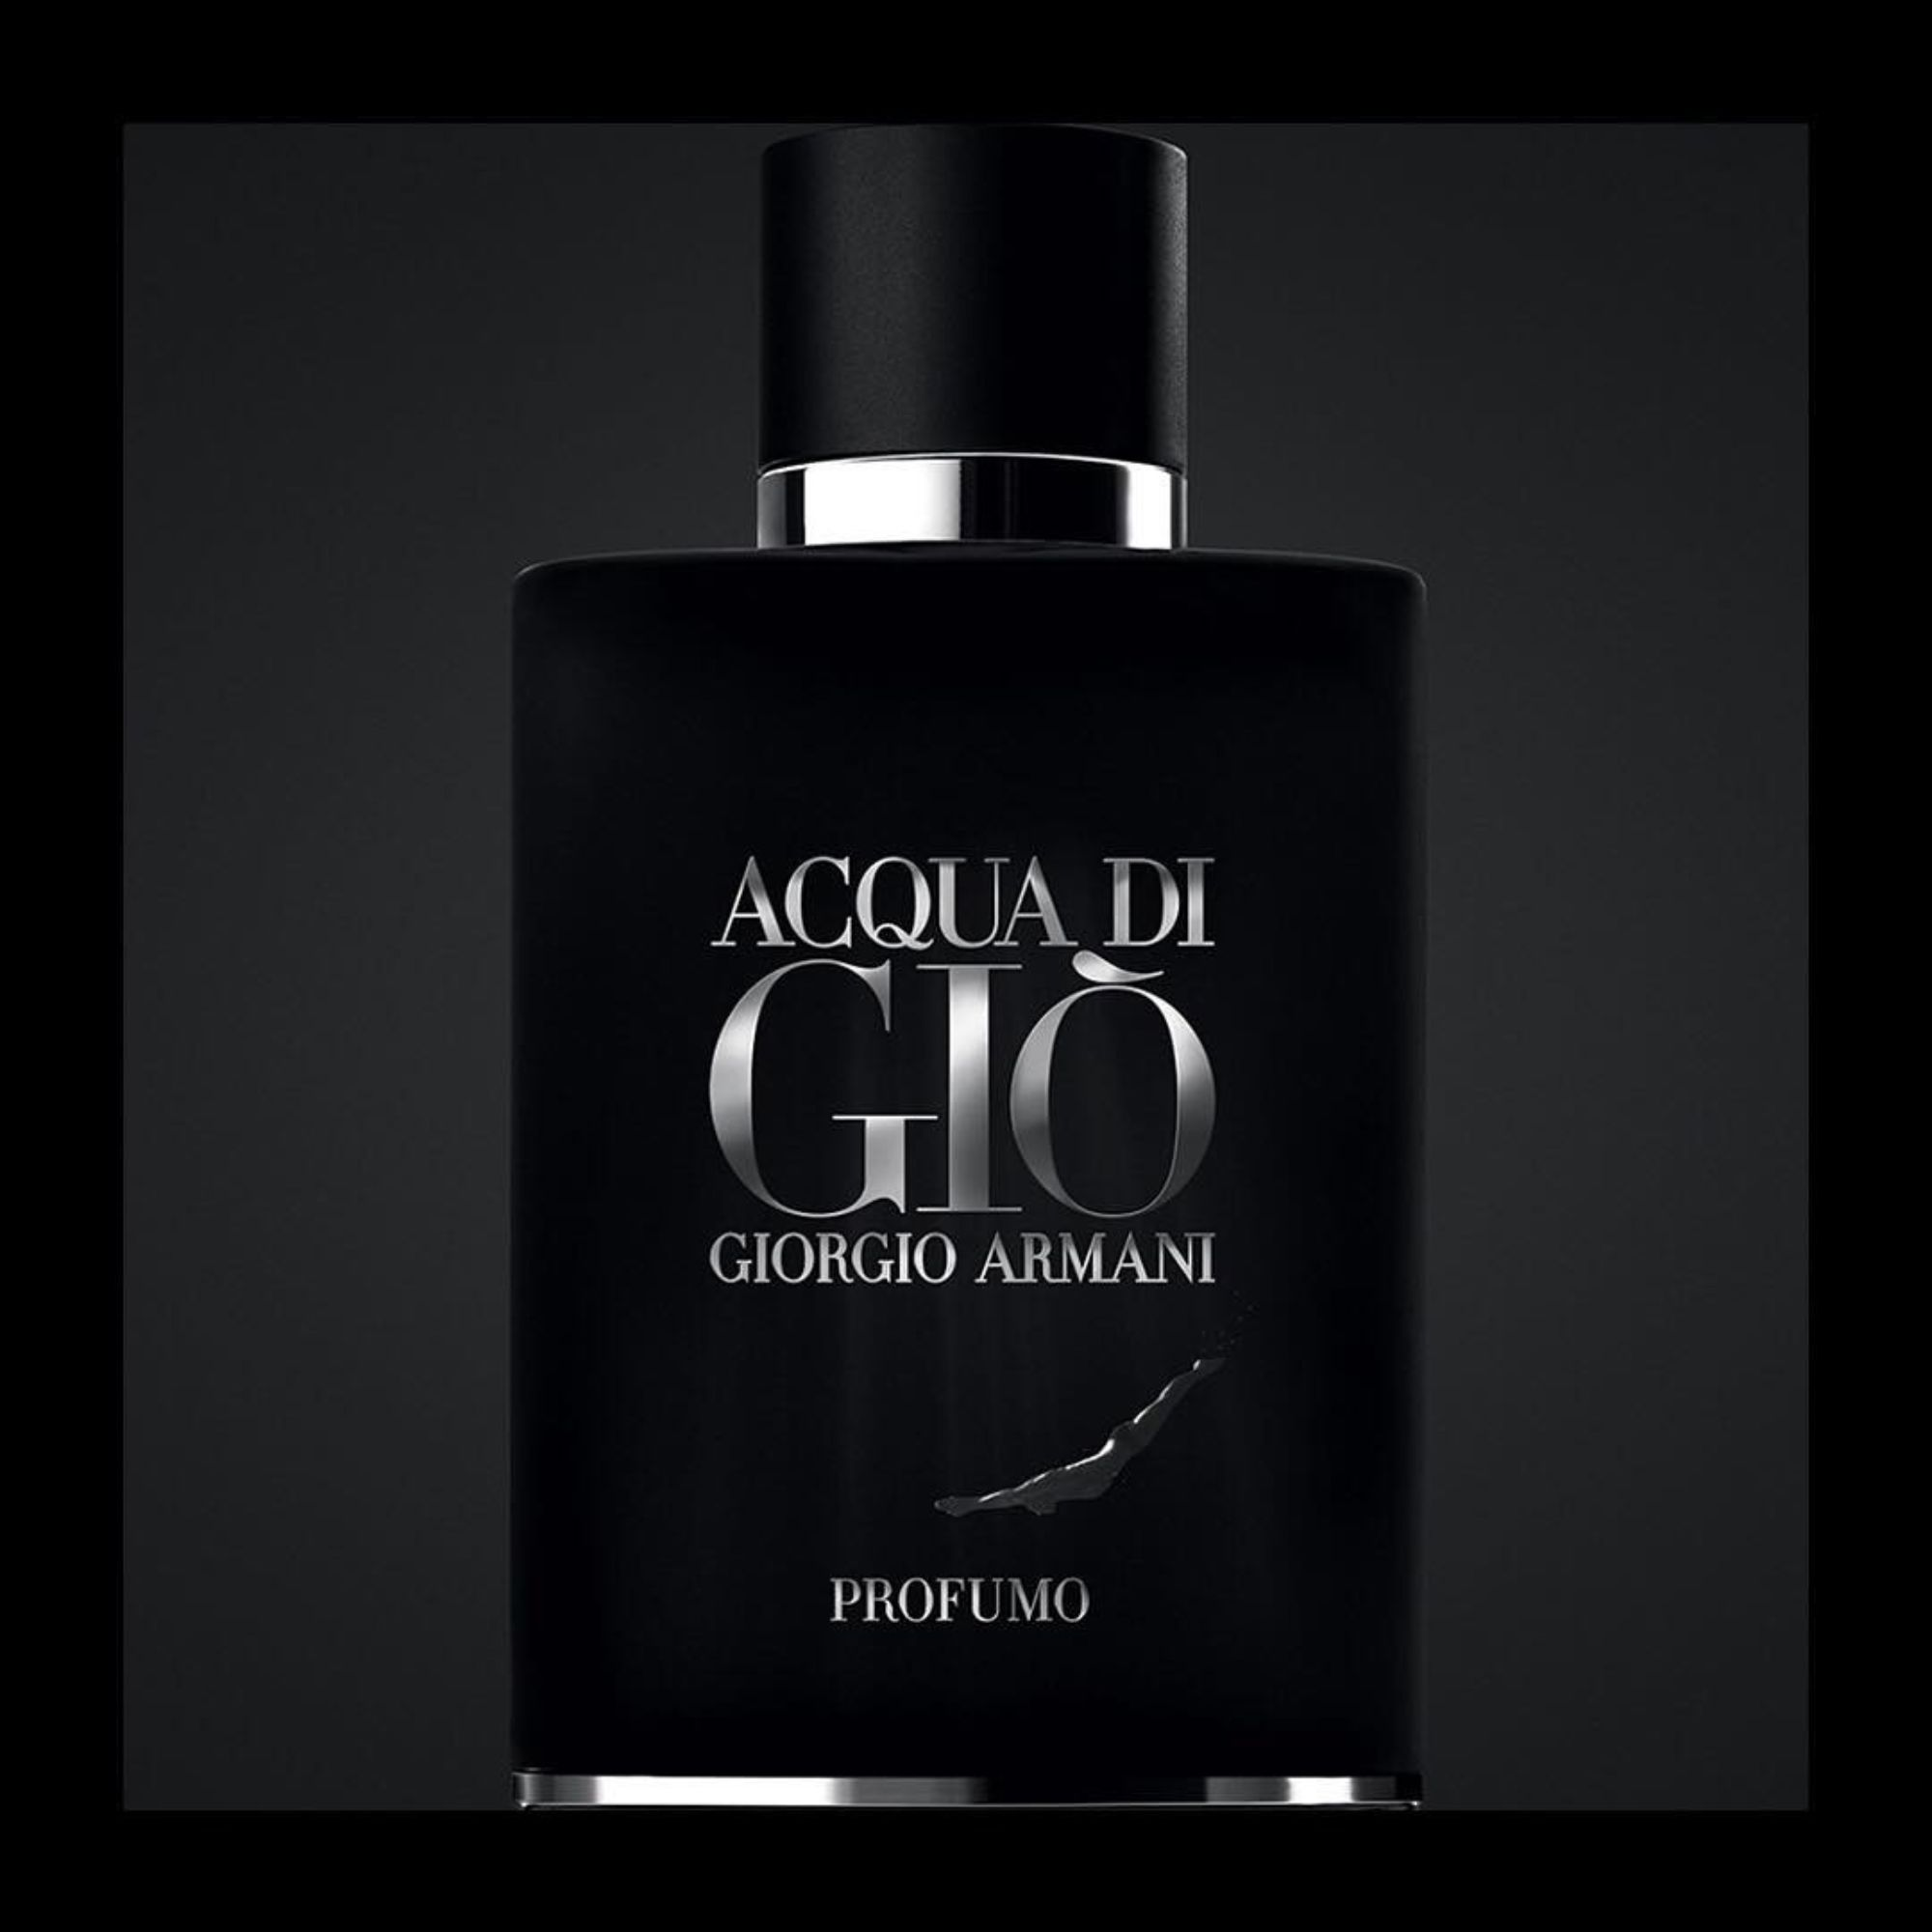 Giorgio Armani Acqua Di Giò Profumo EDP, 125 ml